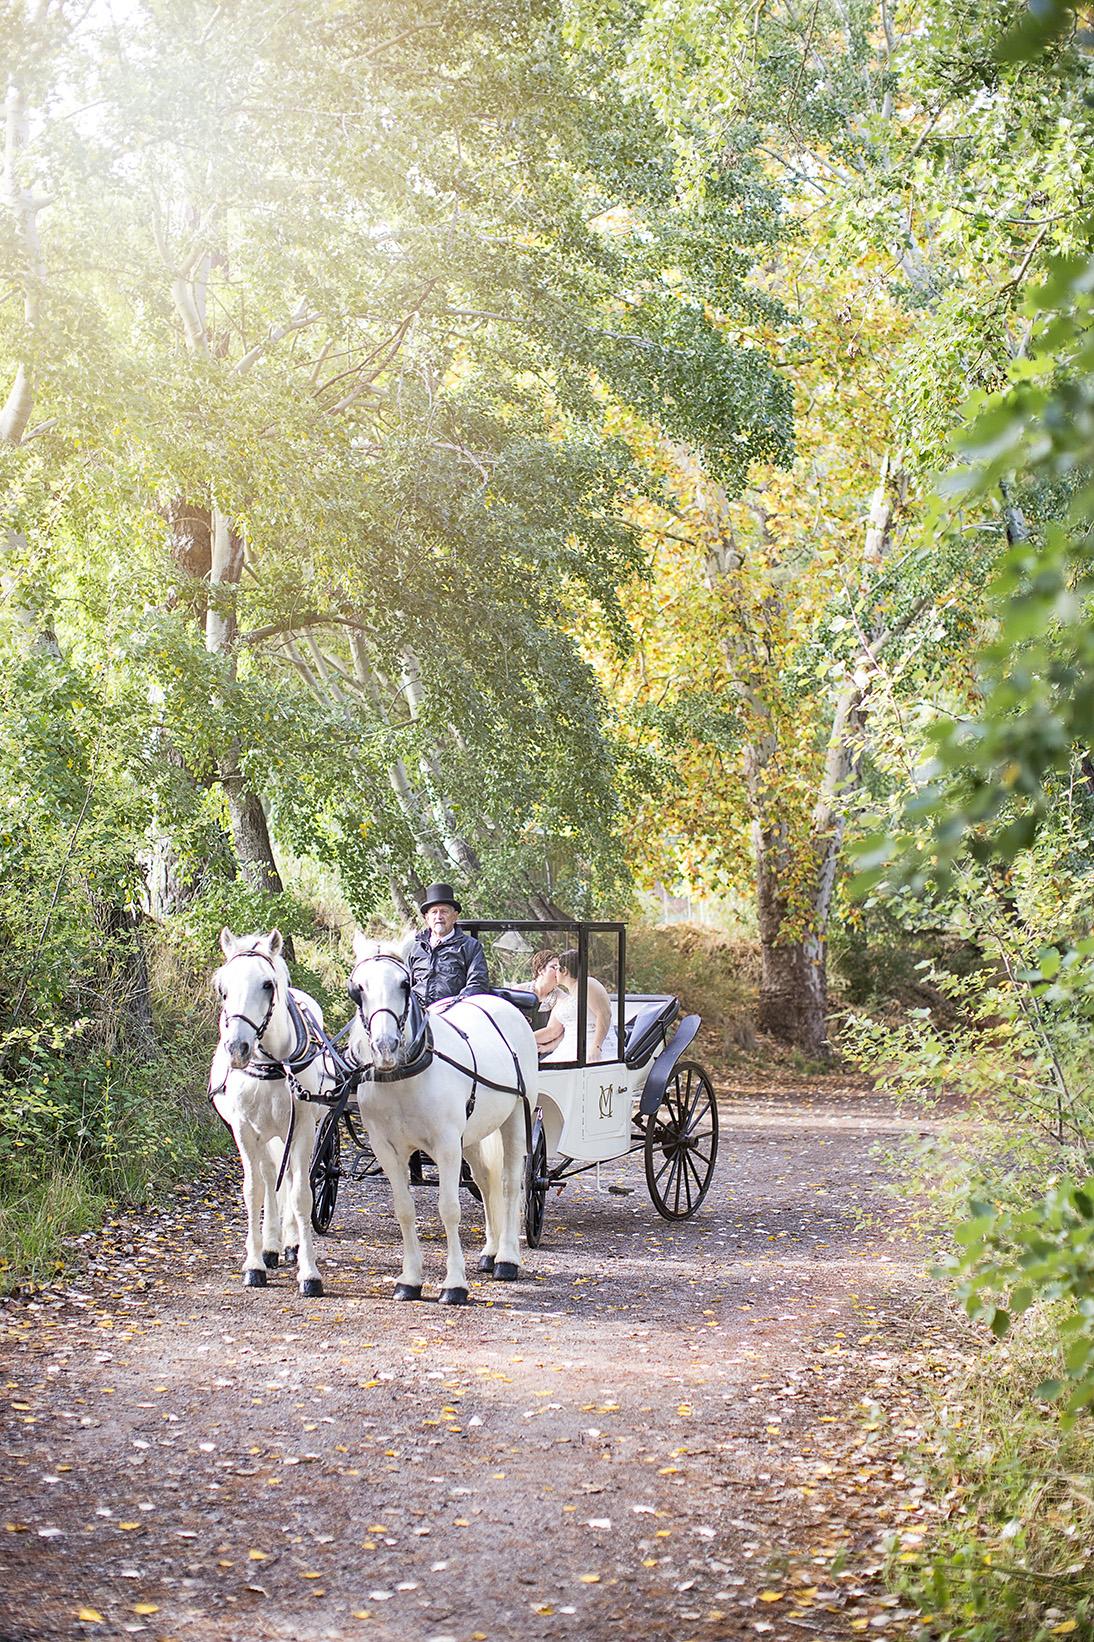 Clarendon Same Sex Wedding Photos 01 Horse & Carriage.jpg